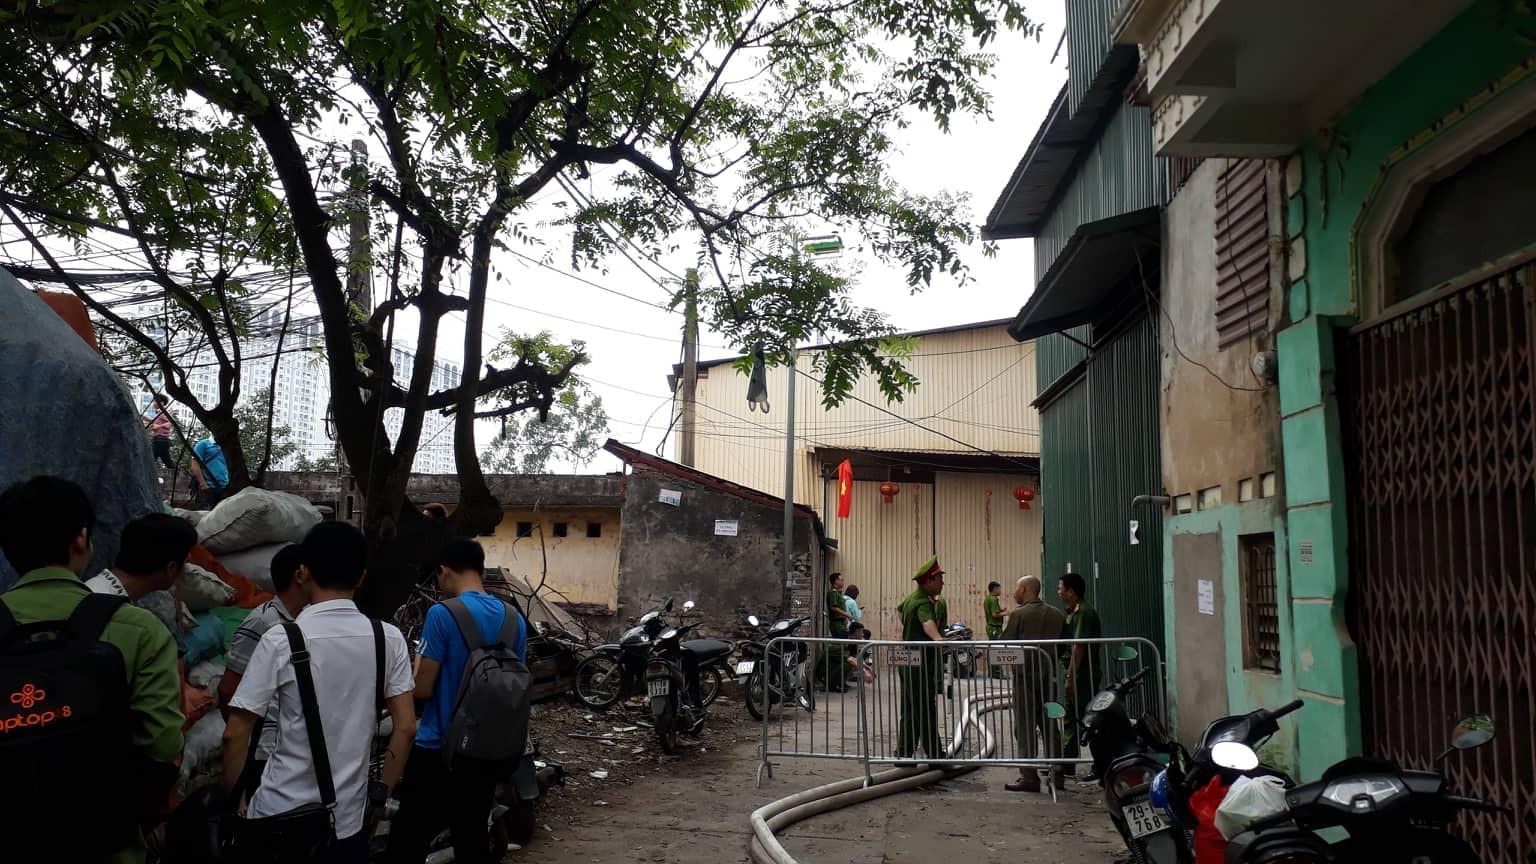 Vụ cháy kinh hoàng khiến 8 người tử vong ở Hà Nội: Các nhà xưởng xây dựng không phép - Ảnh 1.